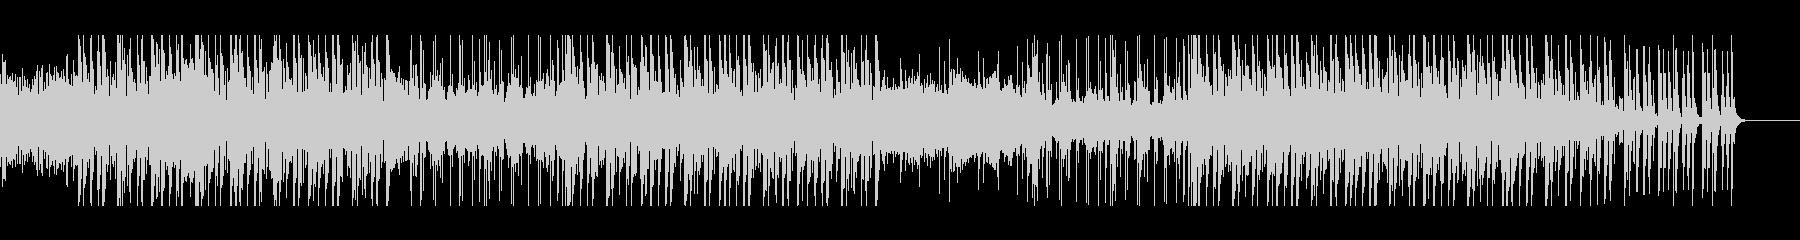 ミディアムテンポのダークシンセウェーブの未再生の波形